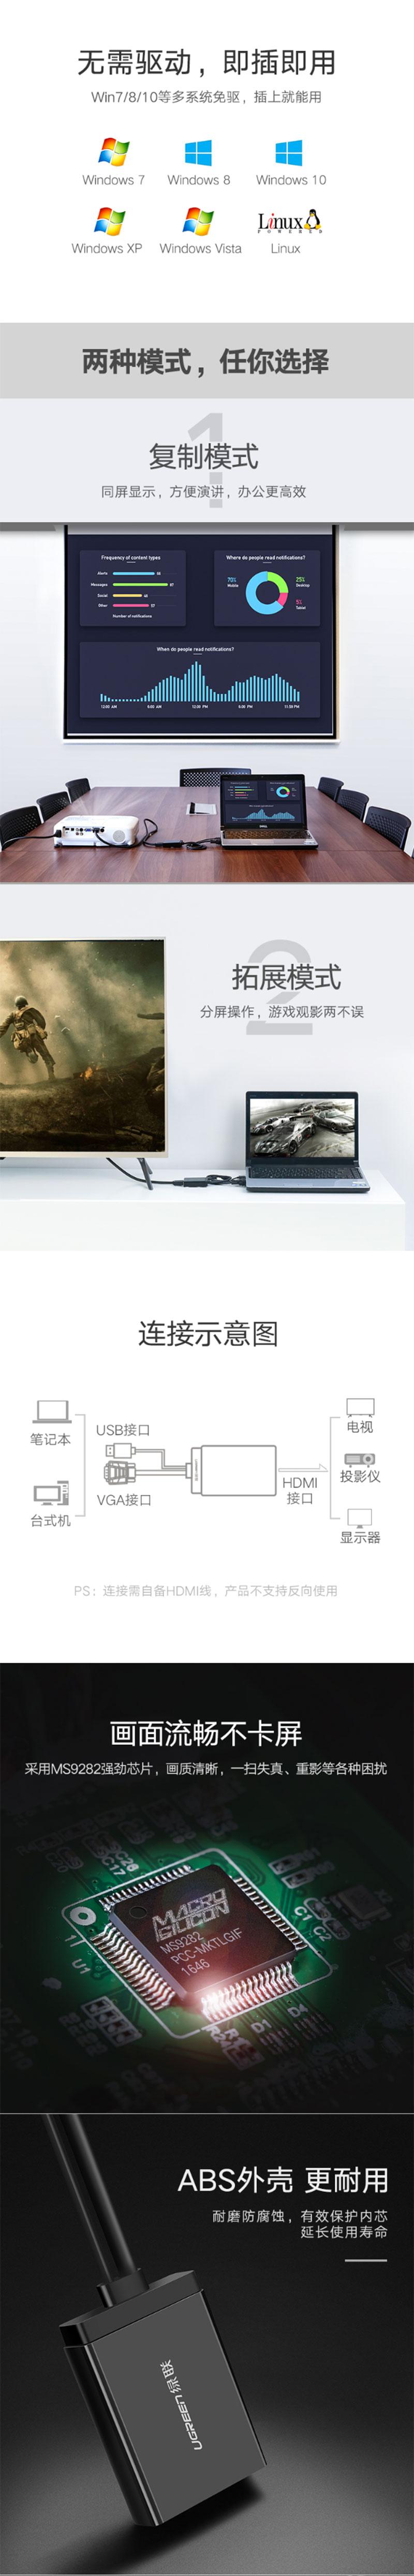 绿联40213 VGA转HDMI转换线